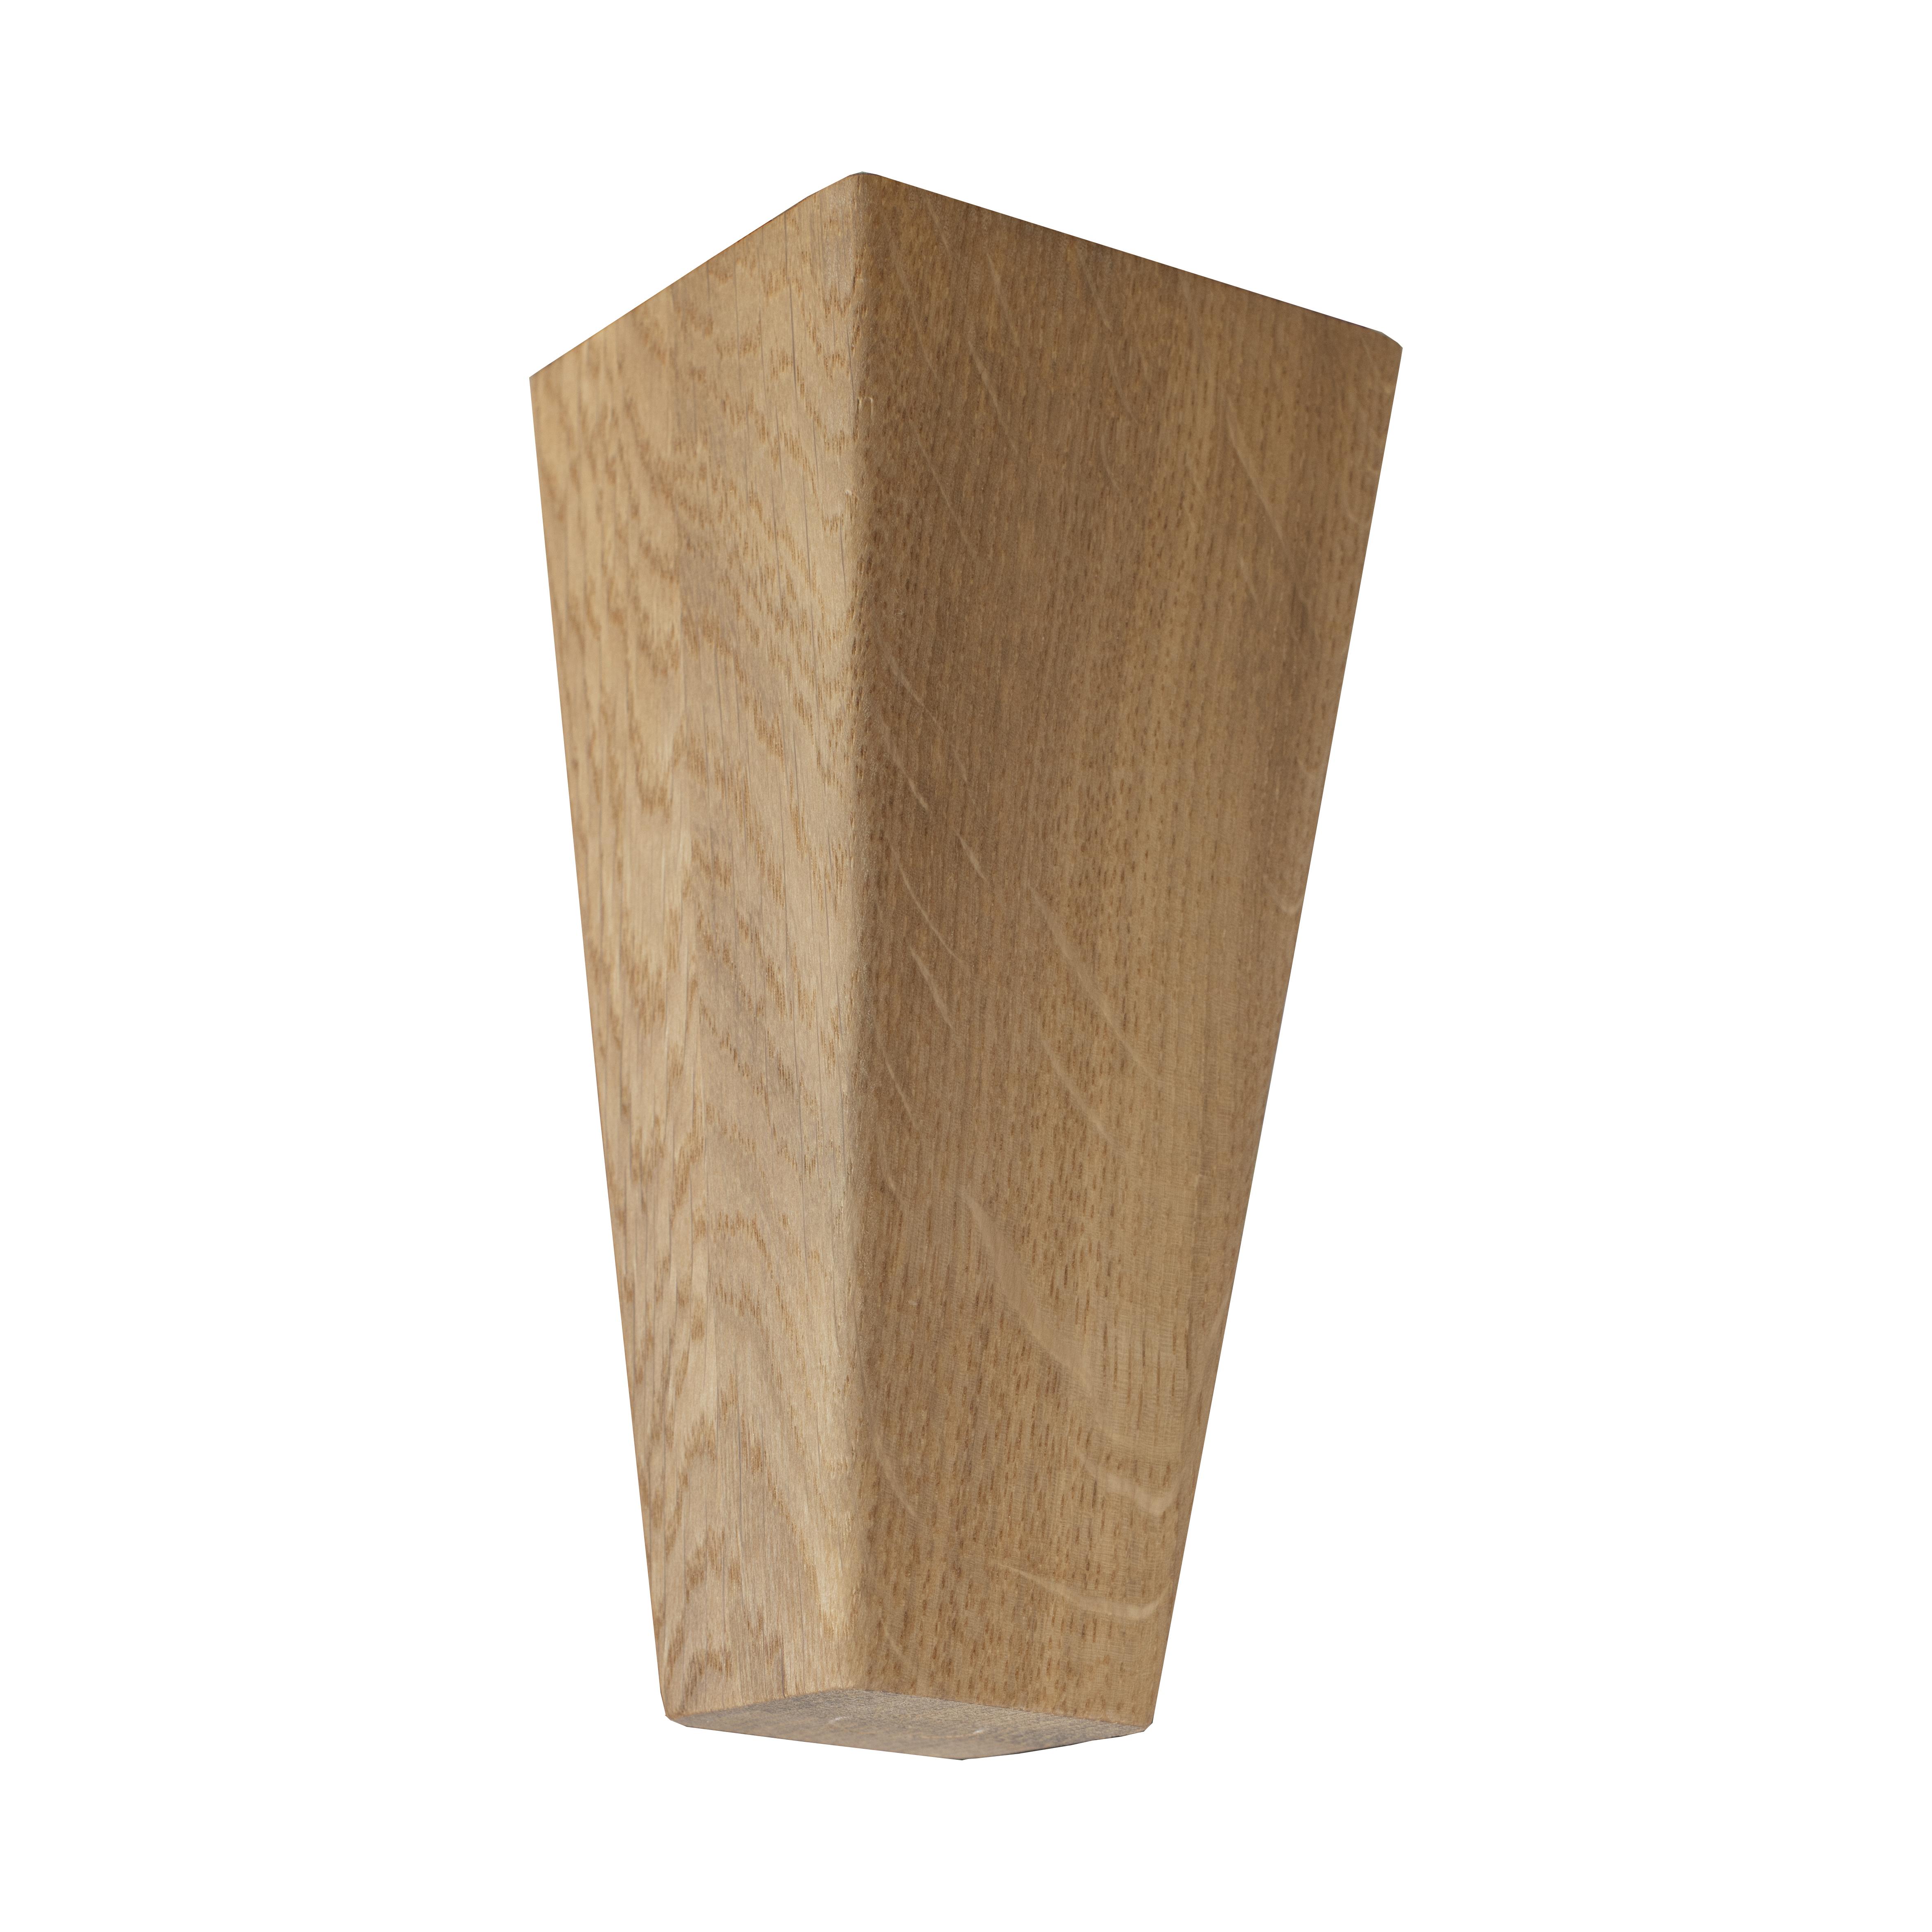 16 cm Carlton koniska ben i ek - englesson.se